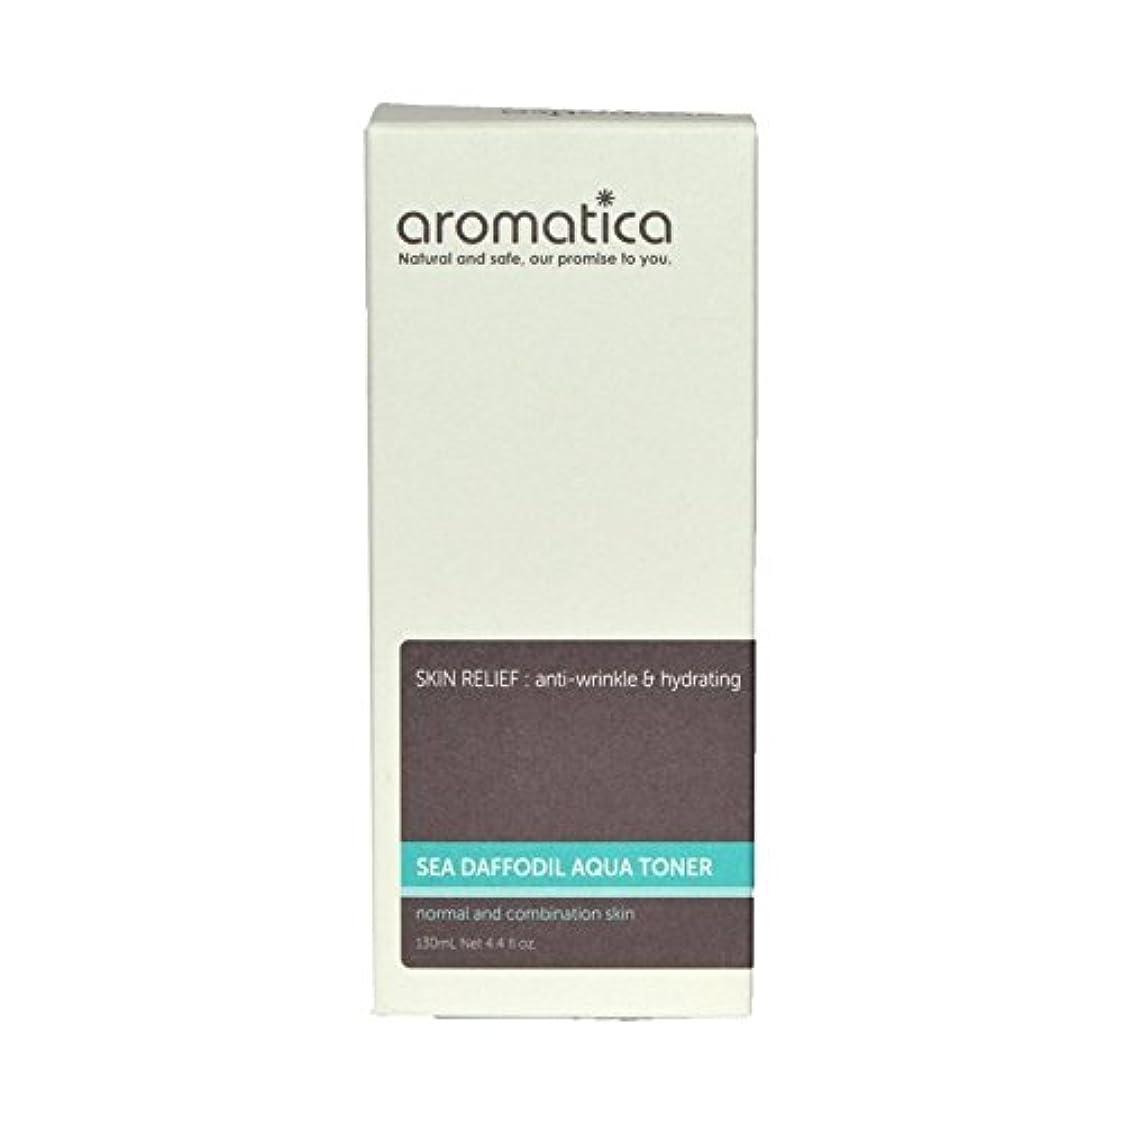 比べるボート胆嚢海スイセンアクアトナー130ミリリットル x4 - aromatica Sea Daffodil Aqua Toner 130ml (Pack of 4) [並行輸入品]